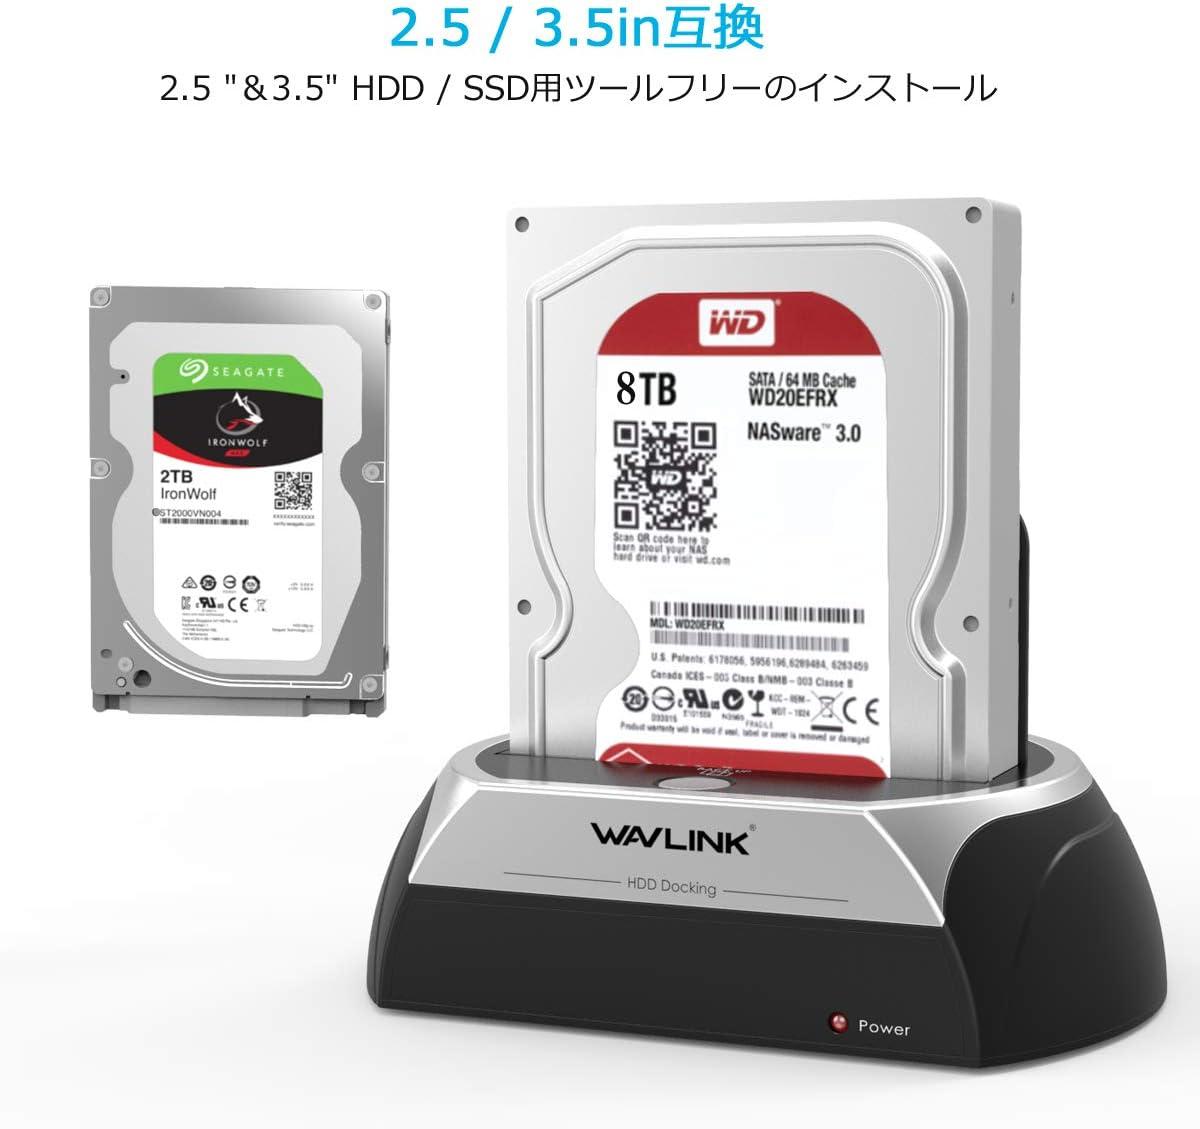 WAVLINK Estación de Acoplamiento de Disco Duro Externo USB 2.0 a ...